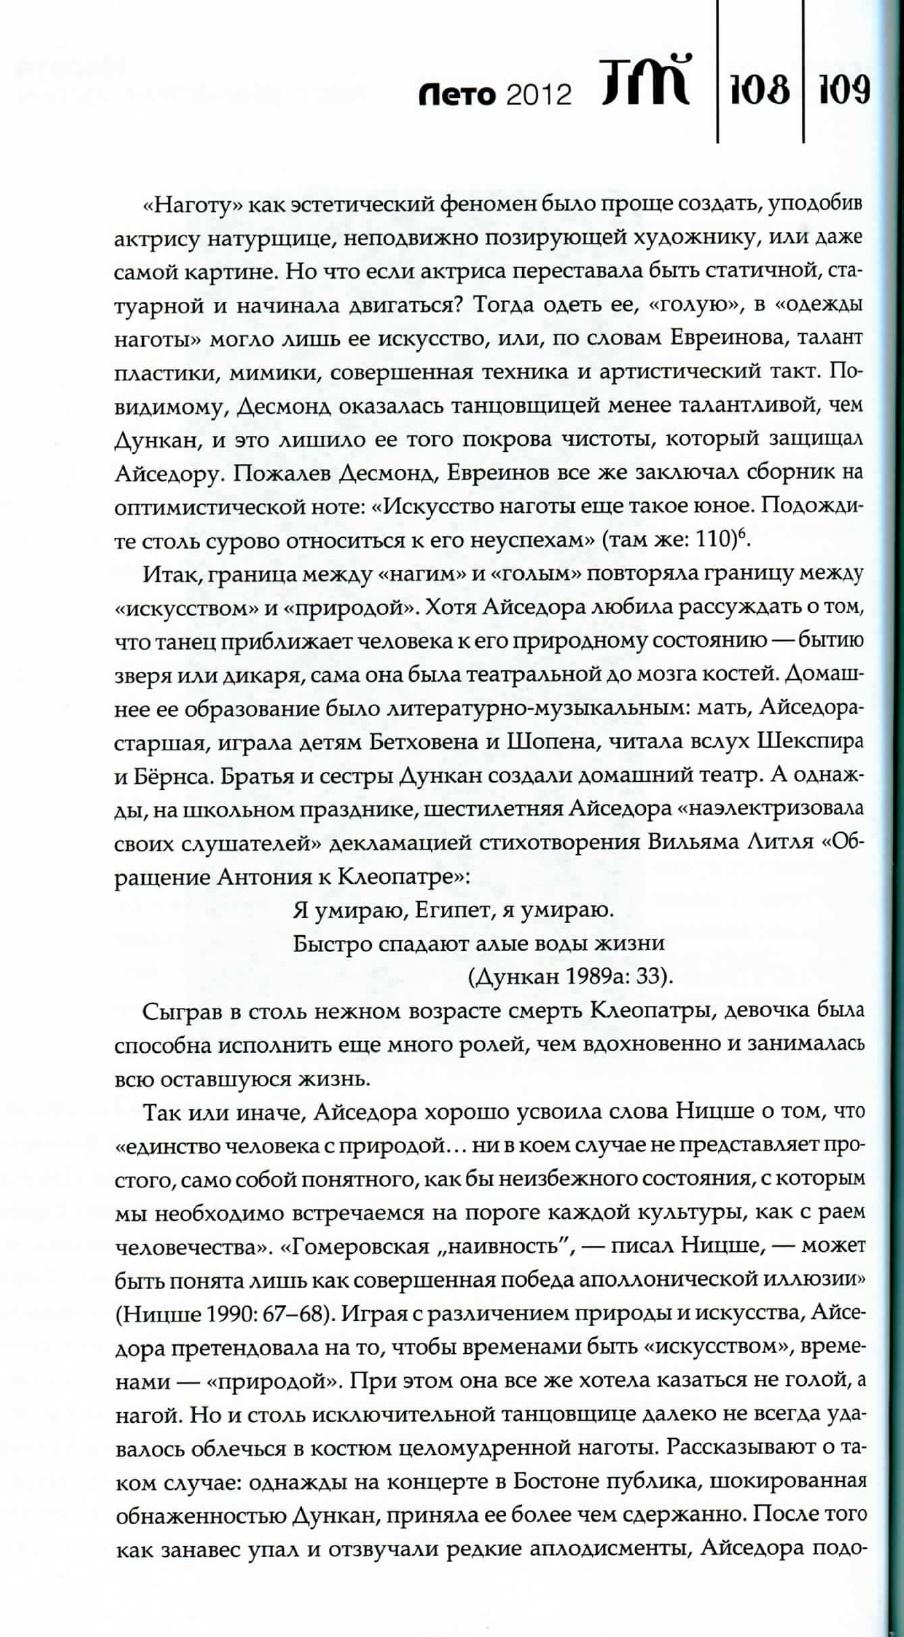 http://sd.uploads.ru/9fM36.jpg